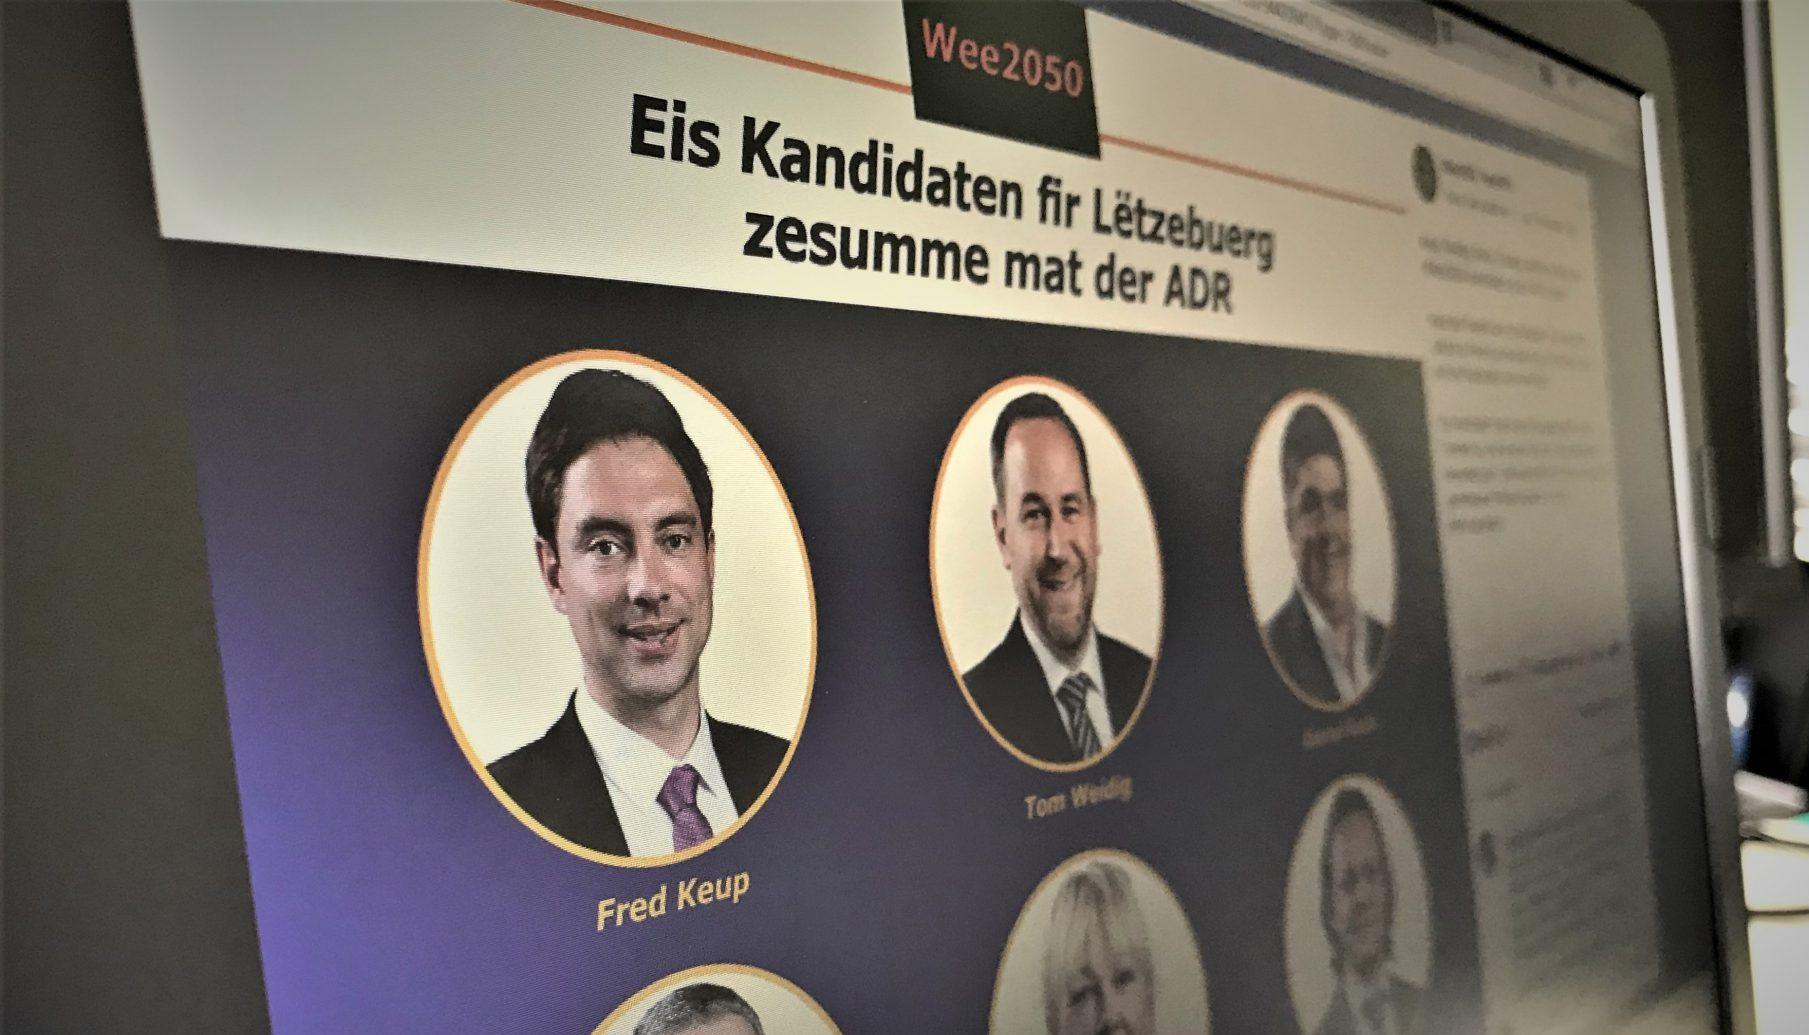 Rechtspopulismus in Luxemburg: Wehret den Anfängen - REPORTER